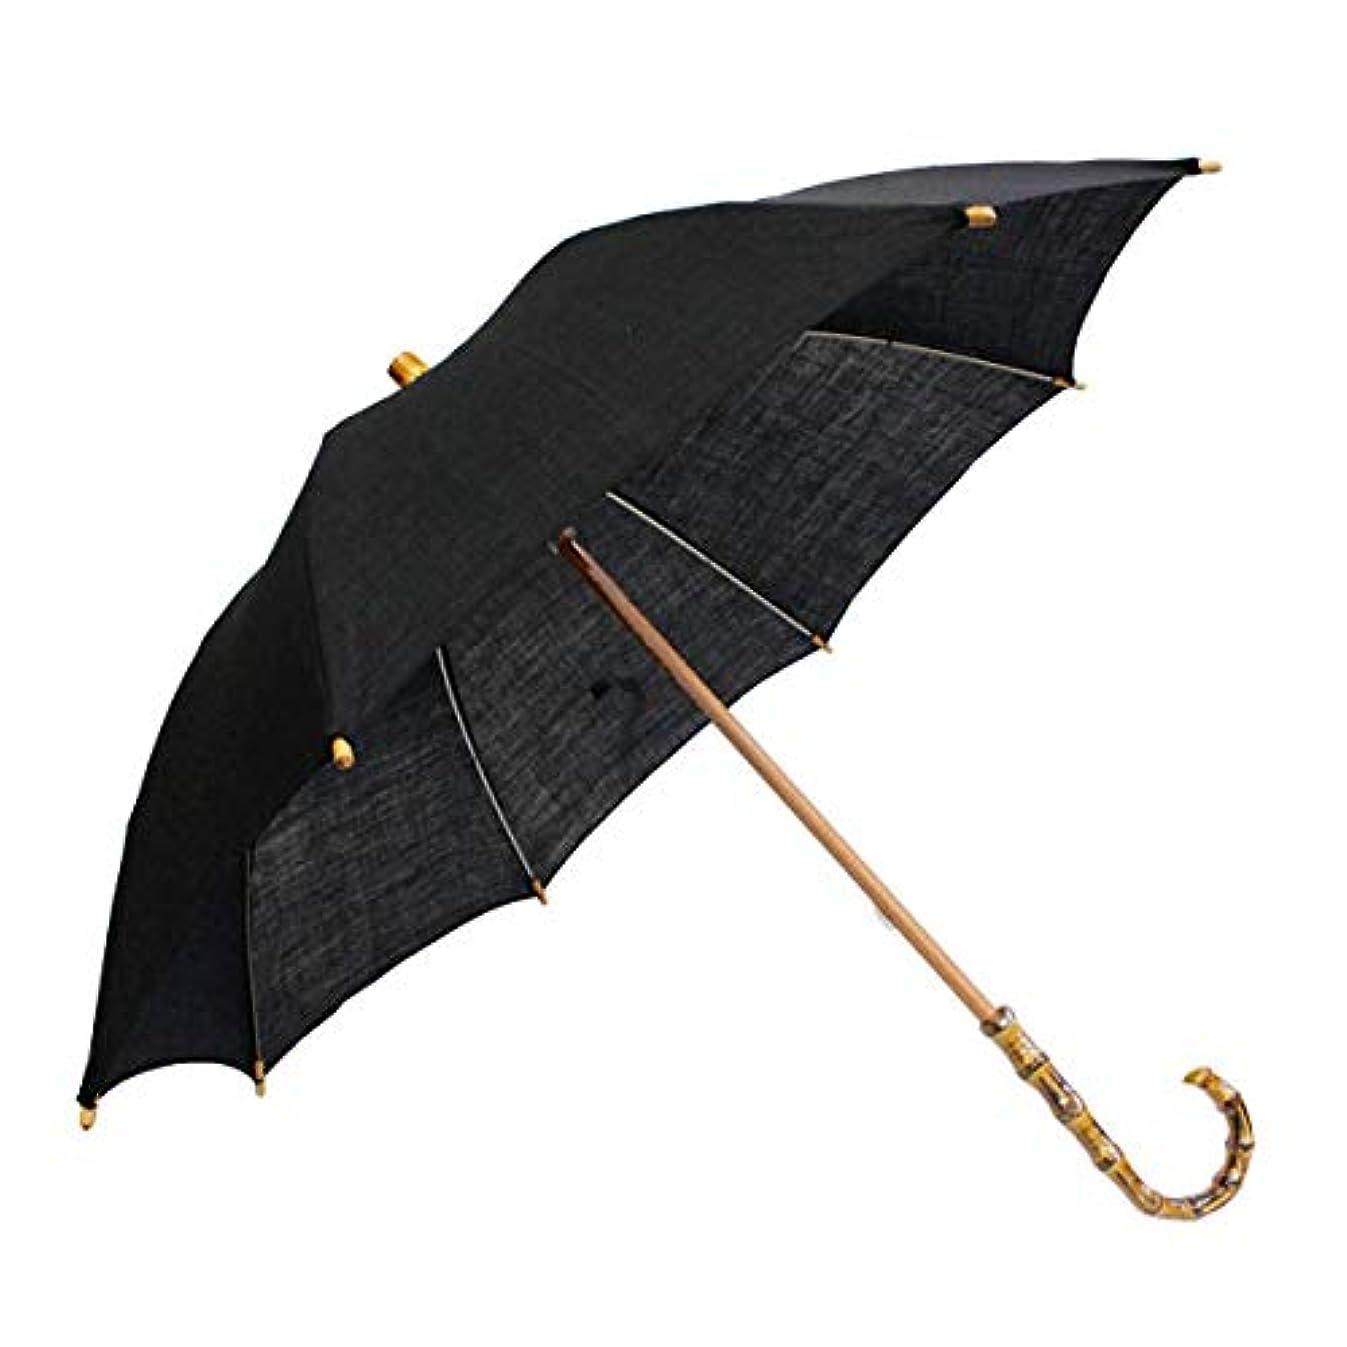 ポップマングル素人縮の日傘 無地 墨 麻素材 UVカット